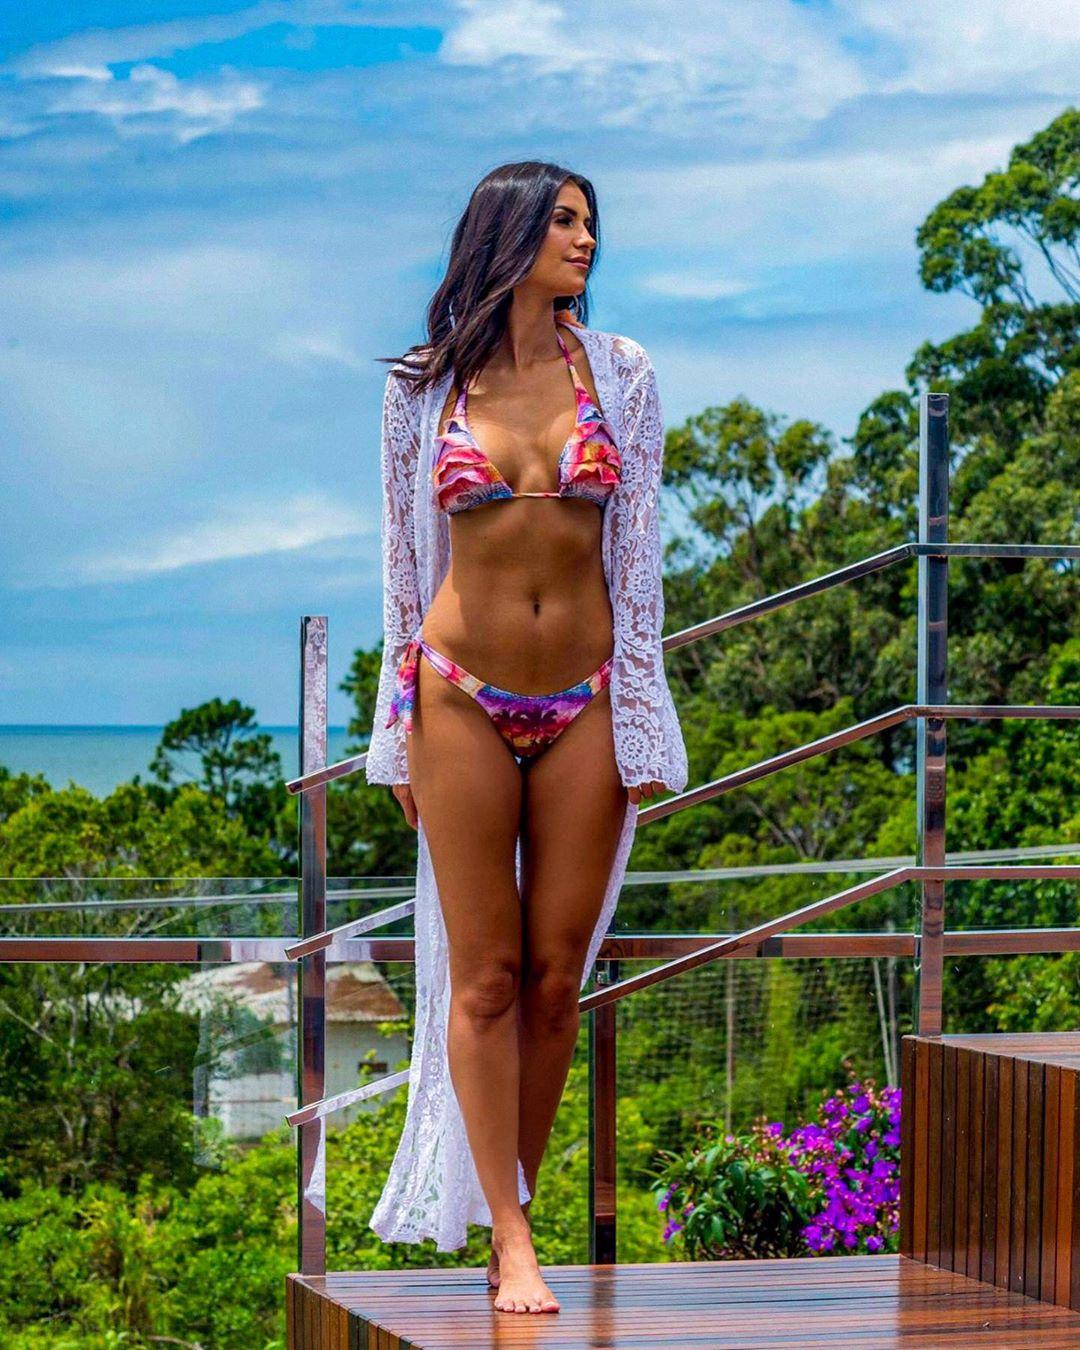 thylara brenner, miss brasil continentes unidos 2019. - Página 5 64333510